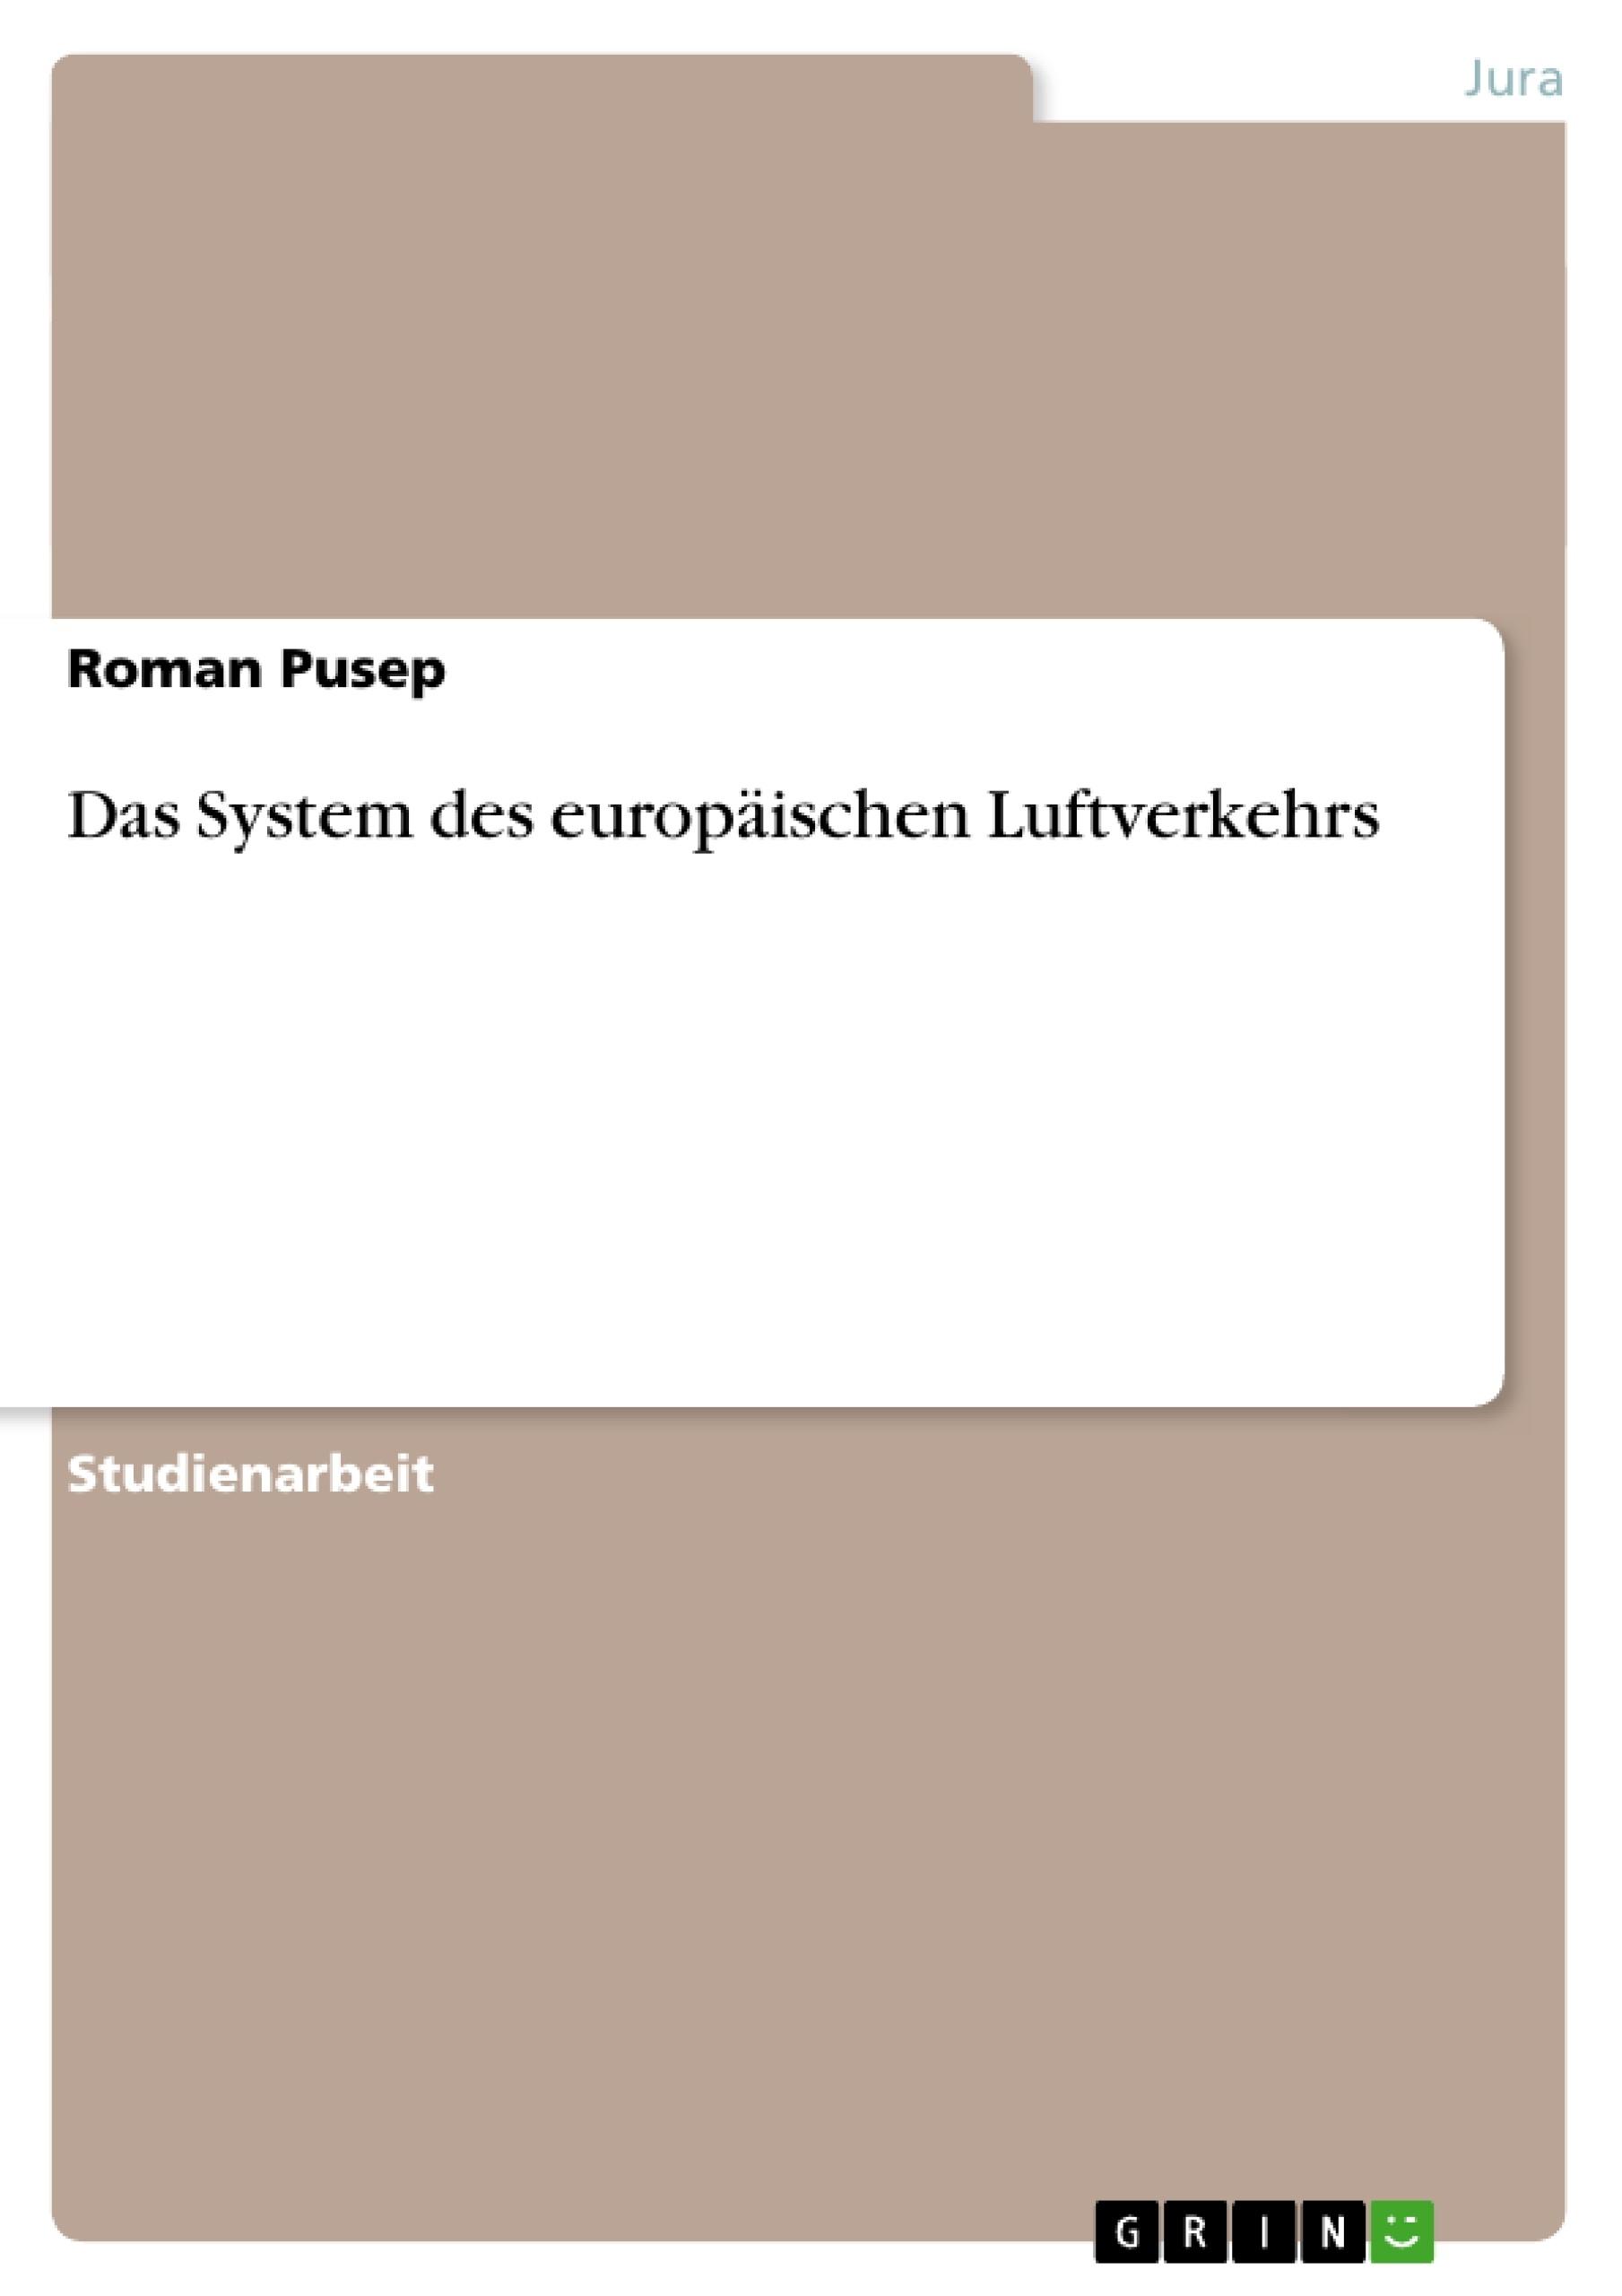 Titel: Das System des europäischen Luftverkehrs